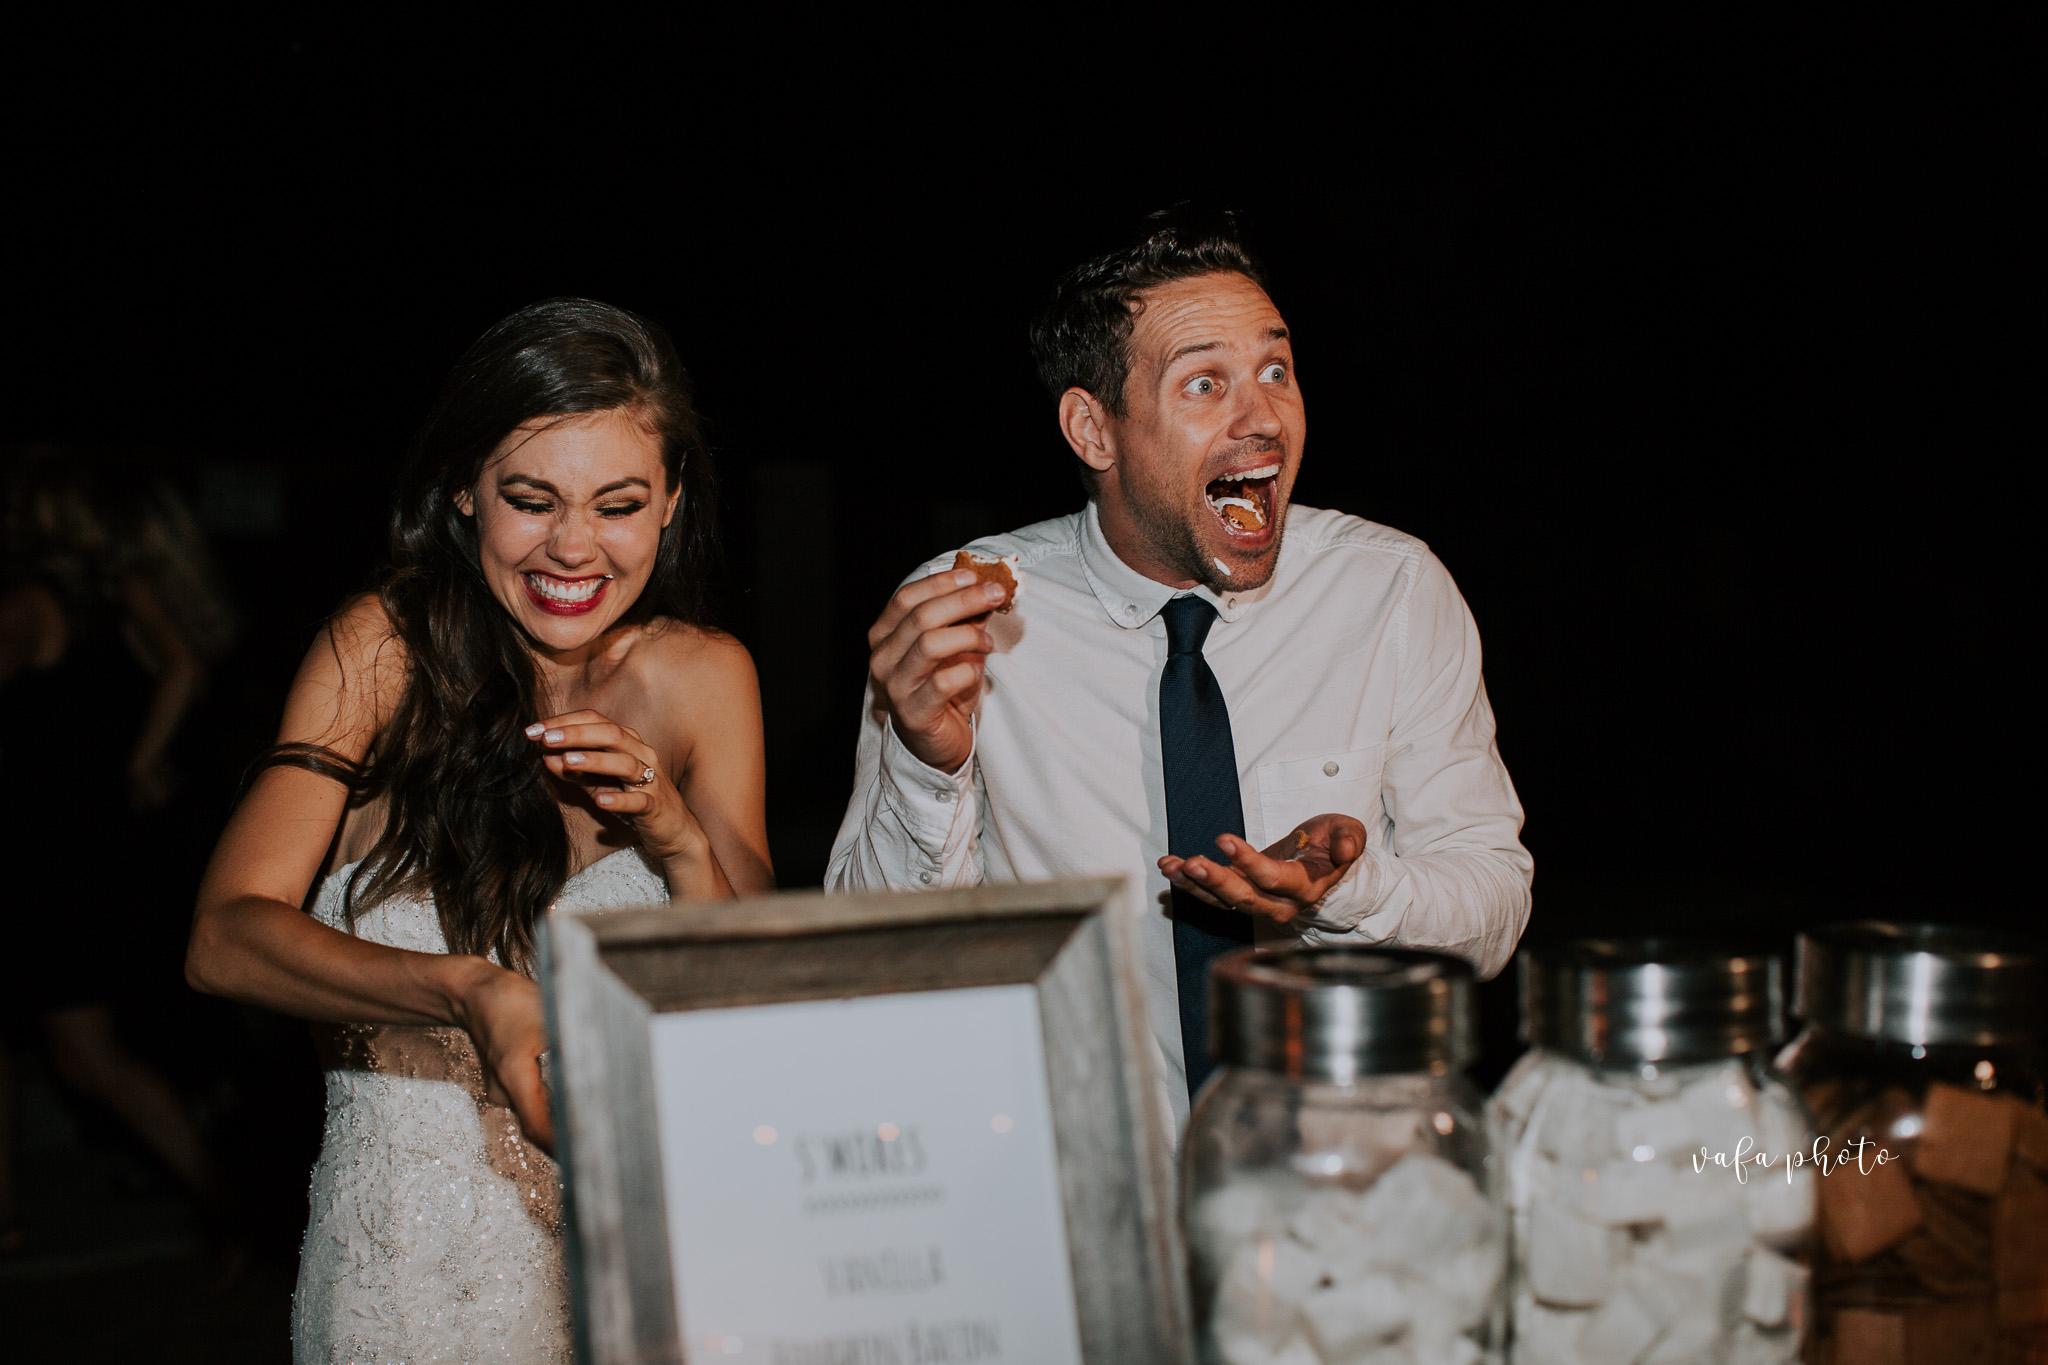 Southern-California-Wedding-Britt-Nilsson-Jeremy-Byrne-Vafa-Photo-1065.jpg